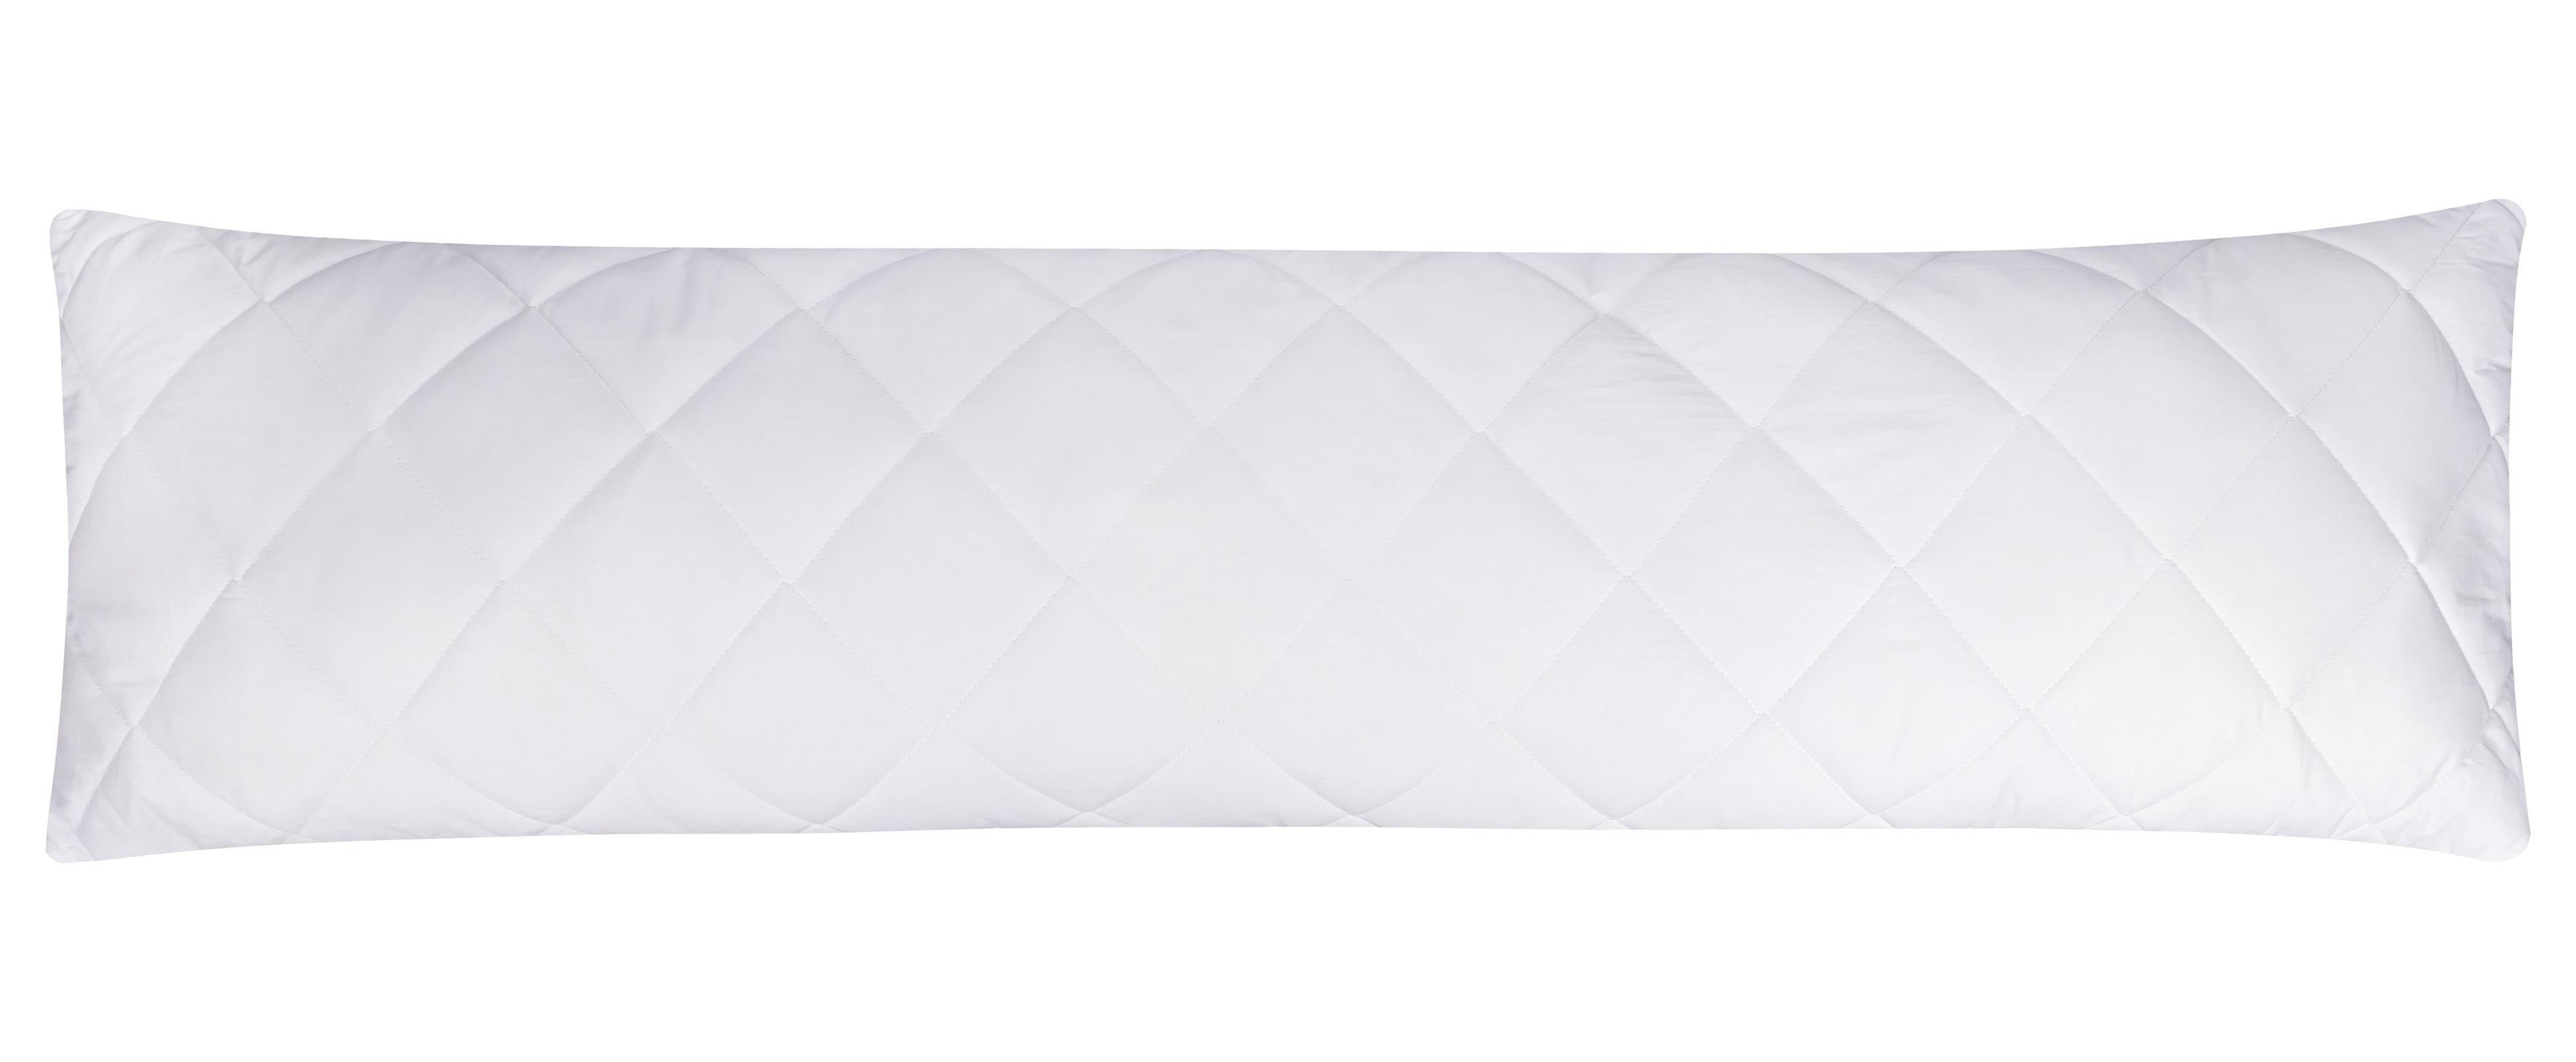 Bettdecken und Kopfkissen - MOON Premium Seitenschläferkissen Viscoschaum Flocken 95° waschbar extra fest 40x145 oder 40x200  - Onlineshop PremiumShop321